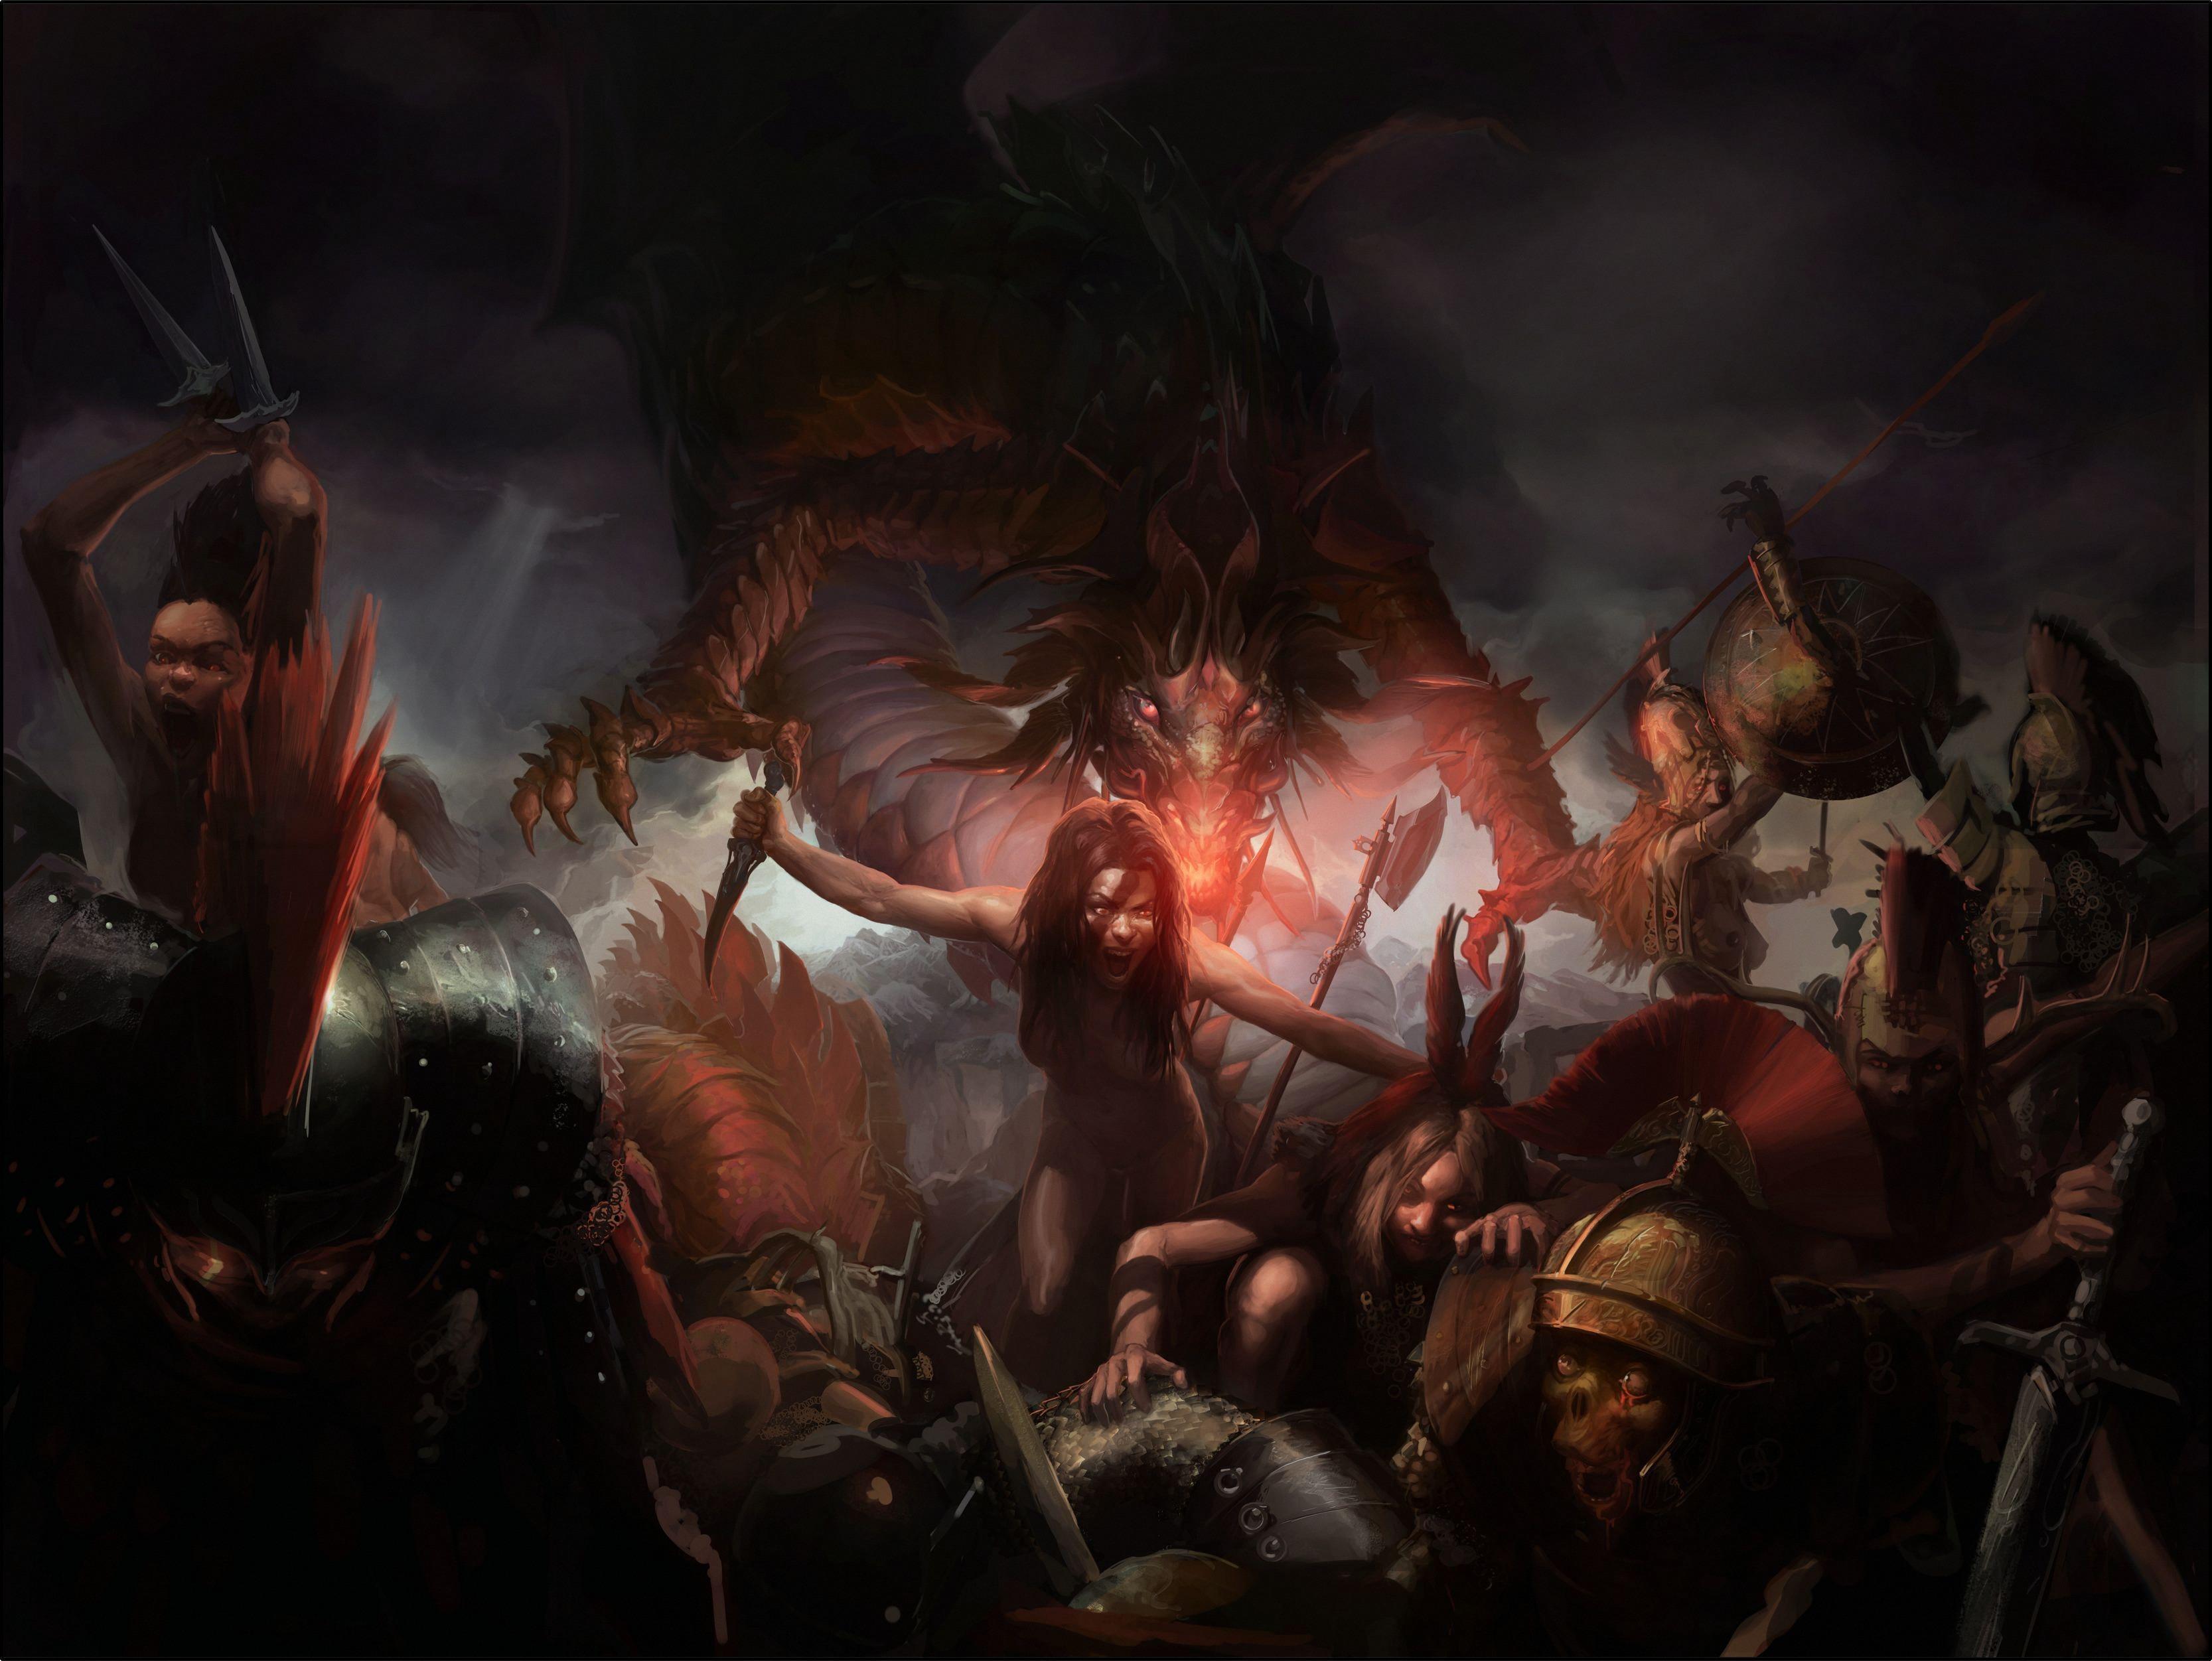 Битва Демонов  № 3608309 бесплатно